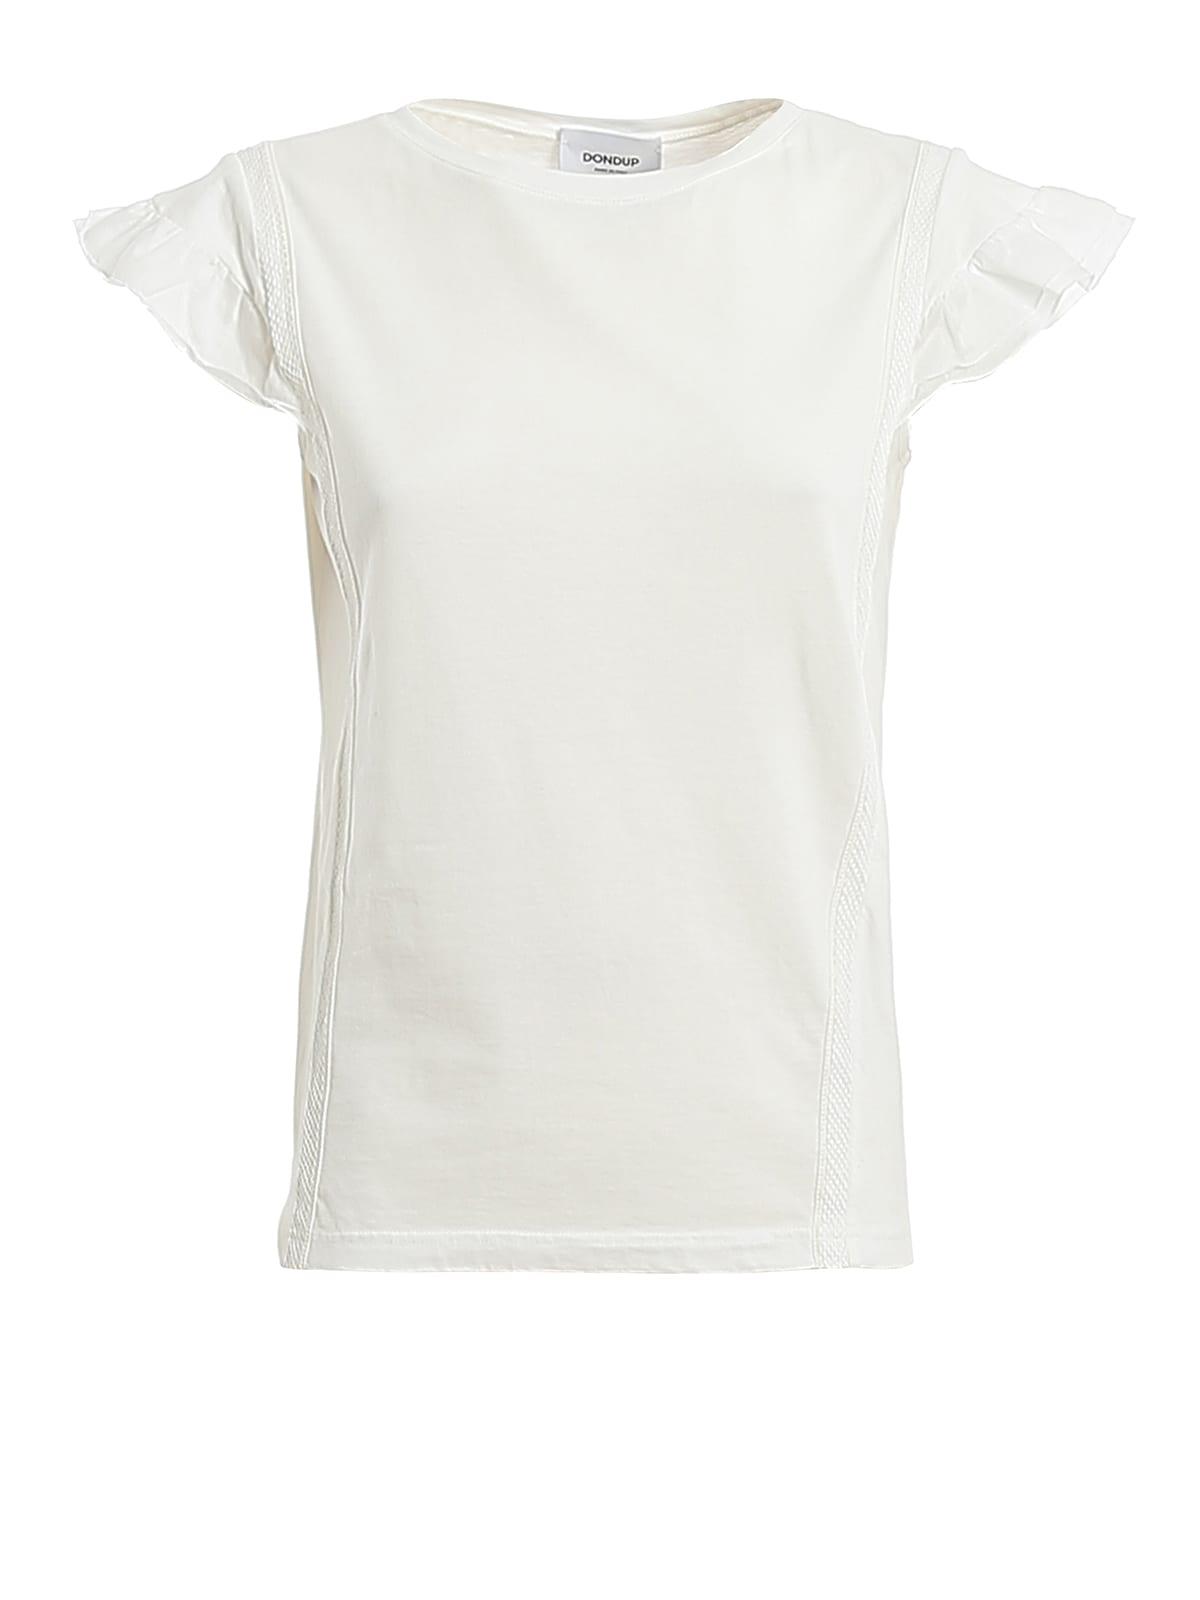 Dondup Short Sleeve T-Shirt